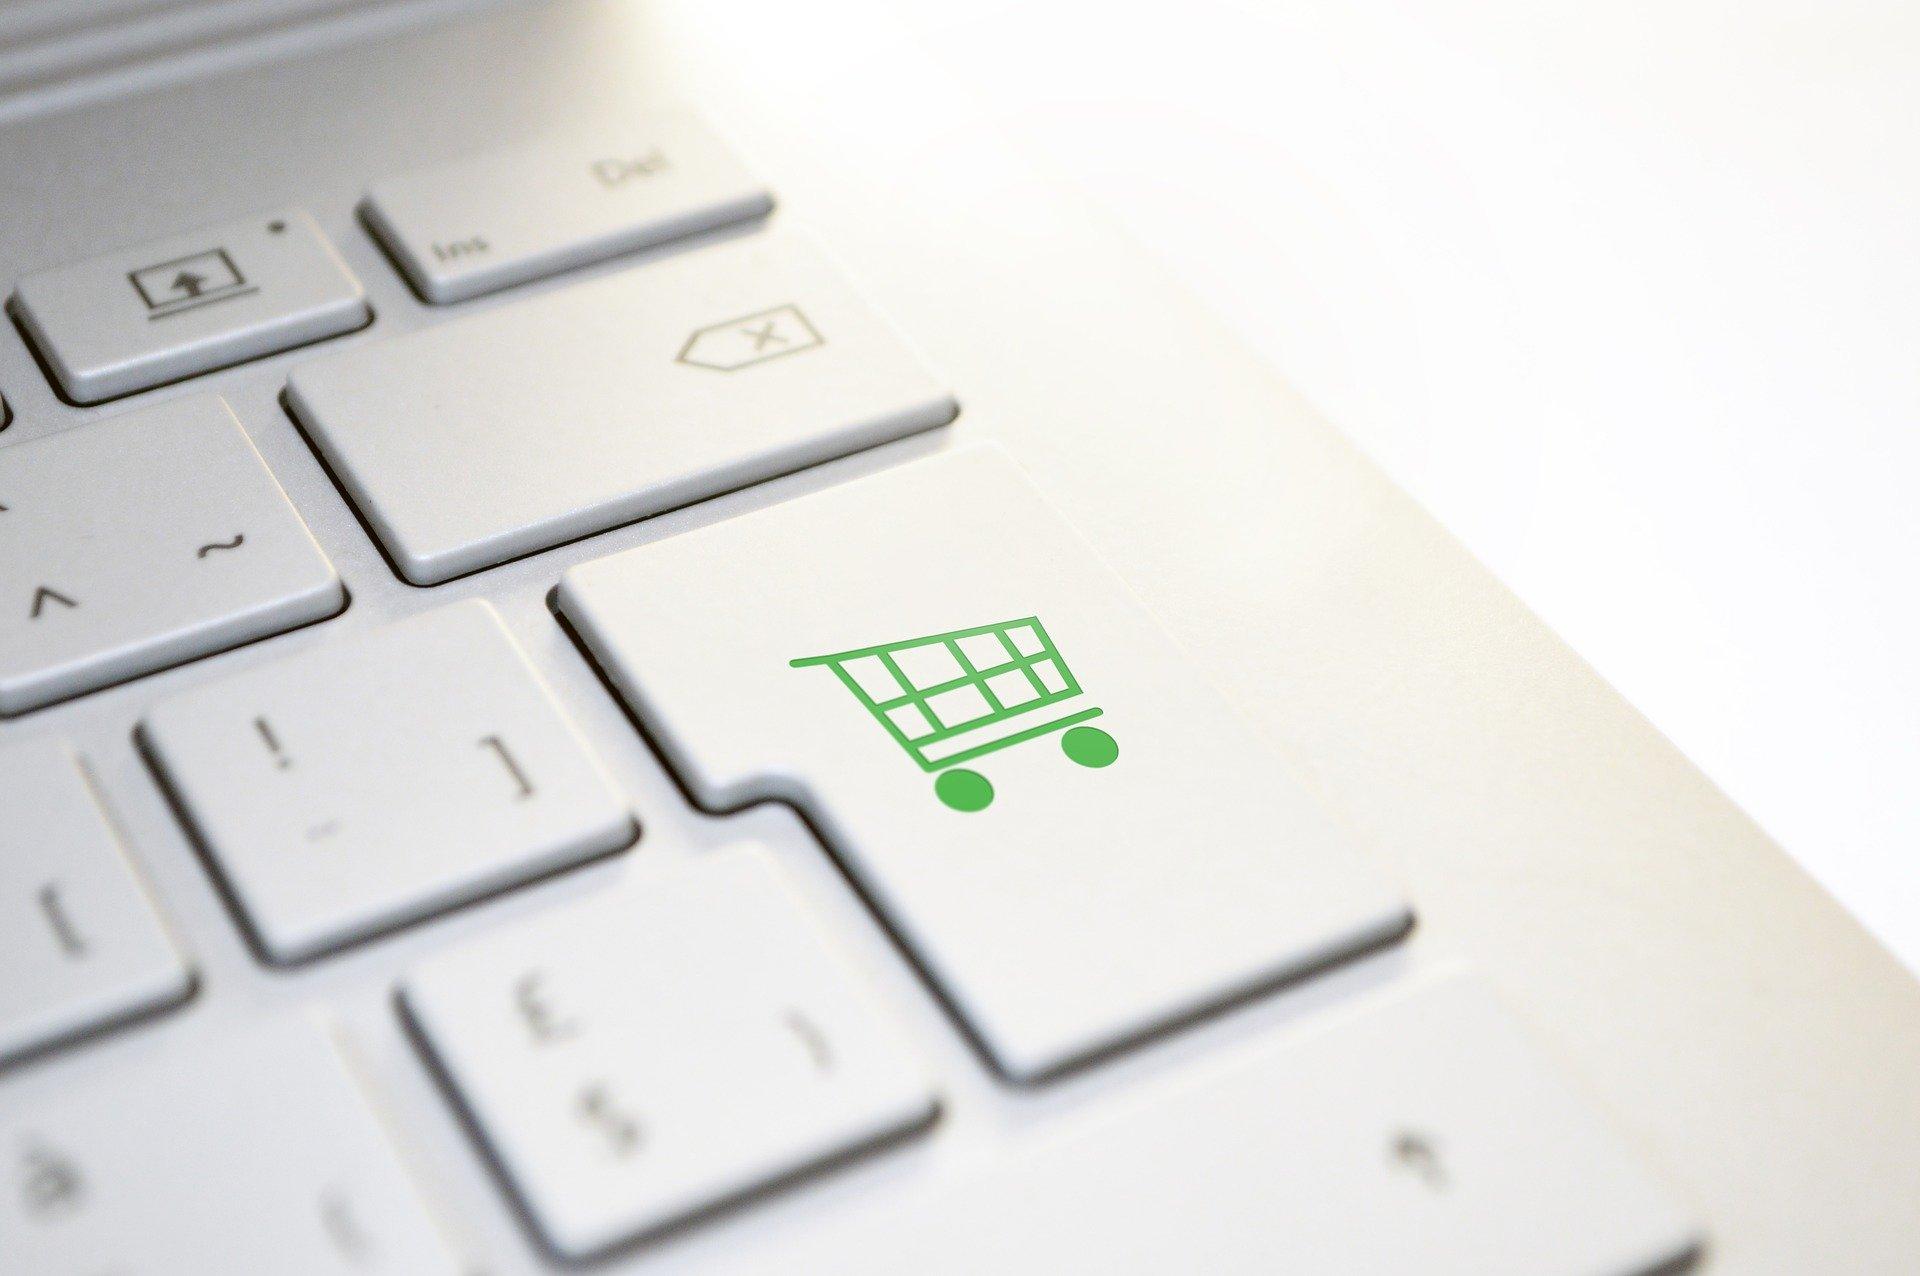 כך תגדילו מכירות באתר באמצעות שימוש בטריגרים פסיכולוגיים